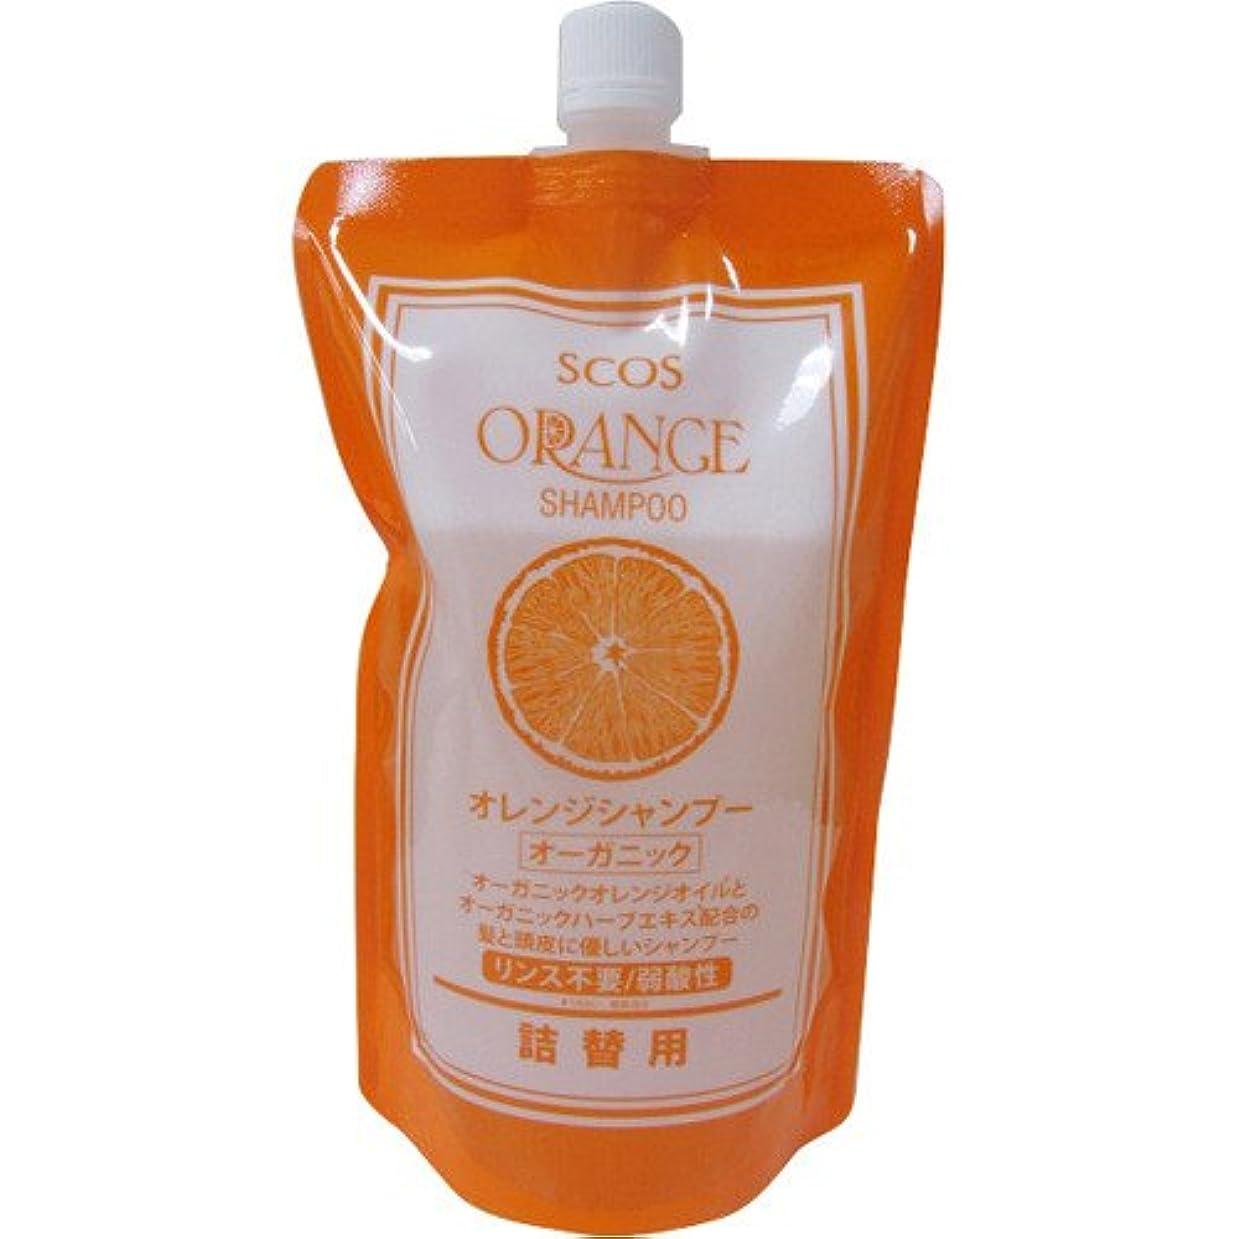 数以降流エスコス オレンジシャンプーオーガニック 詰替用 700ml